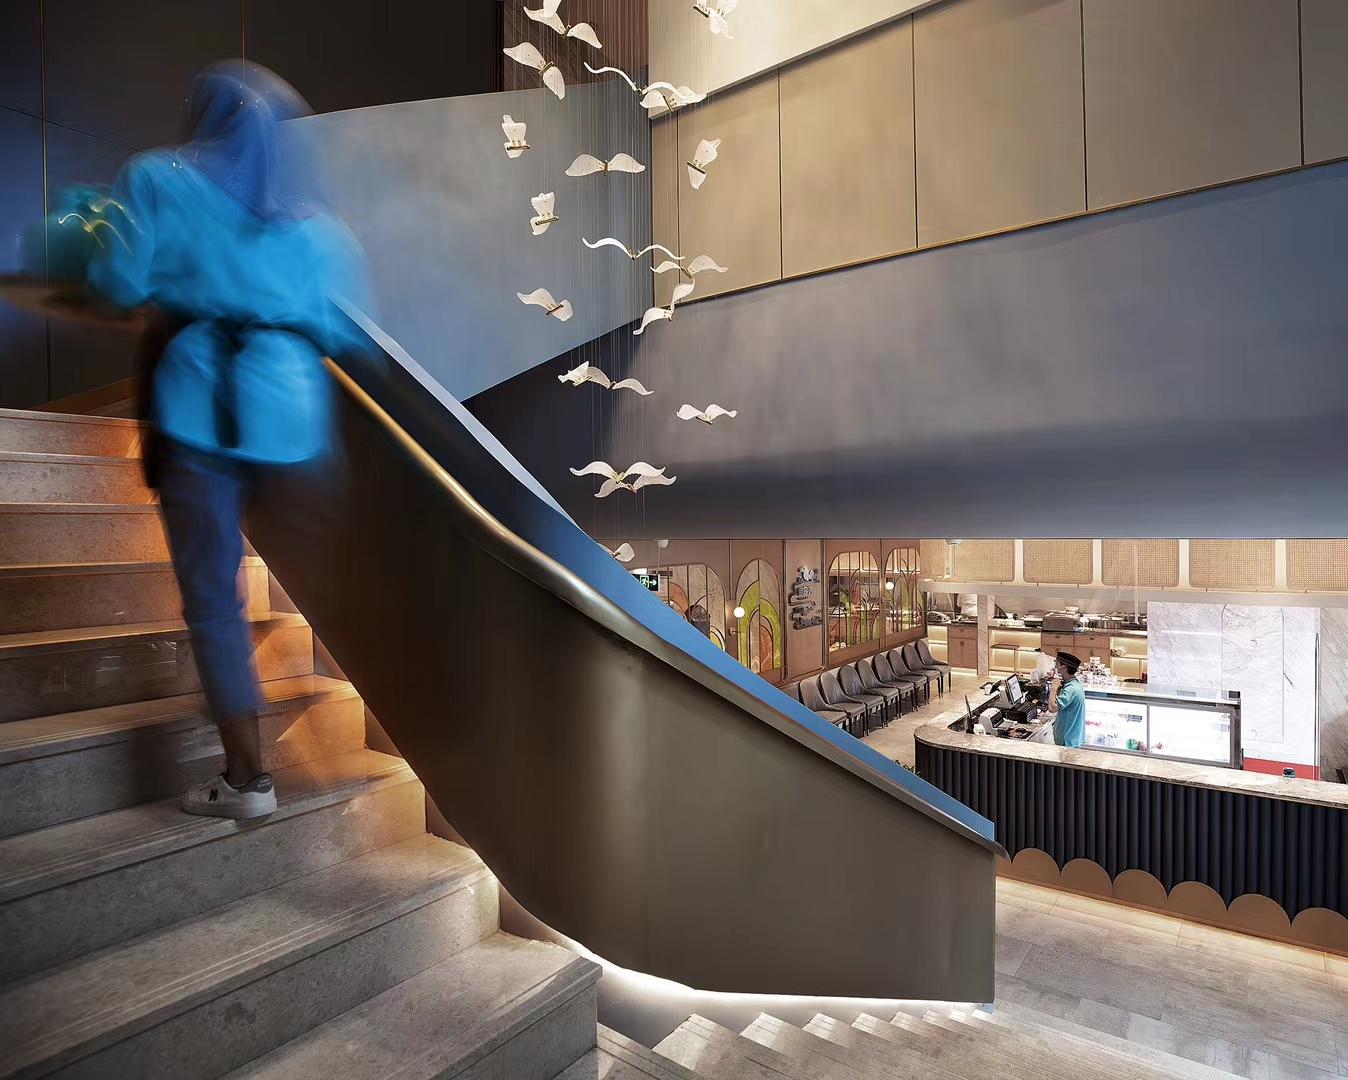 品味回西北菜餐厅设计-杭州餐厅设计-杭州达岸品牌策划设计公司b91a39f1f669d5f979da5e468a7ed410